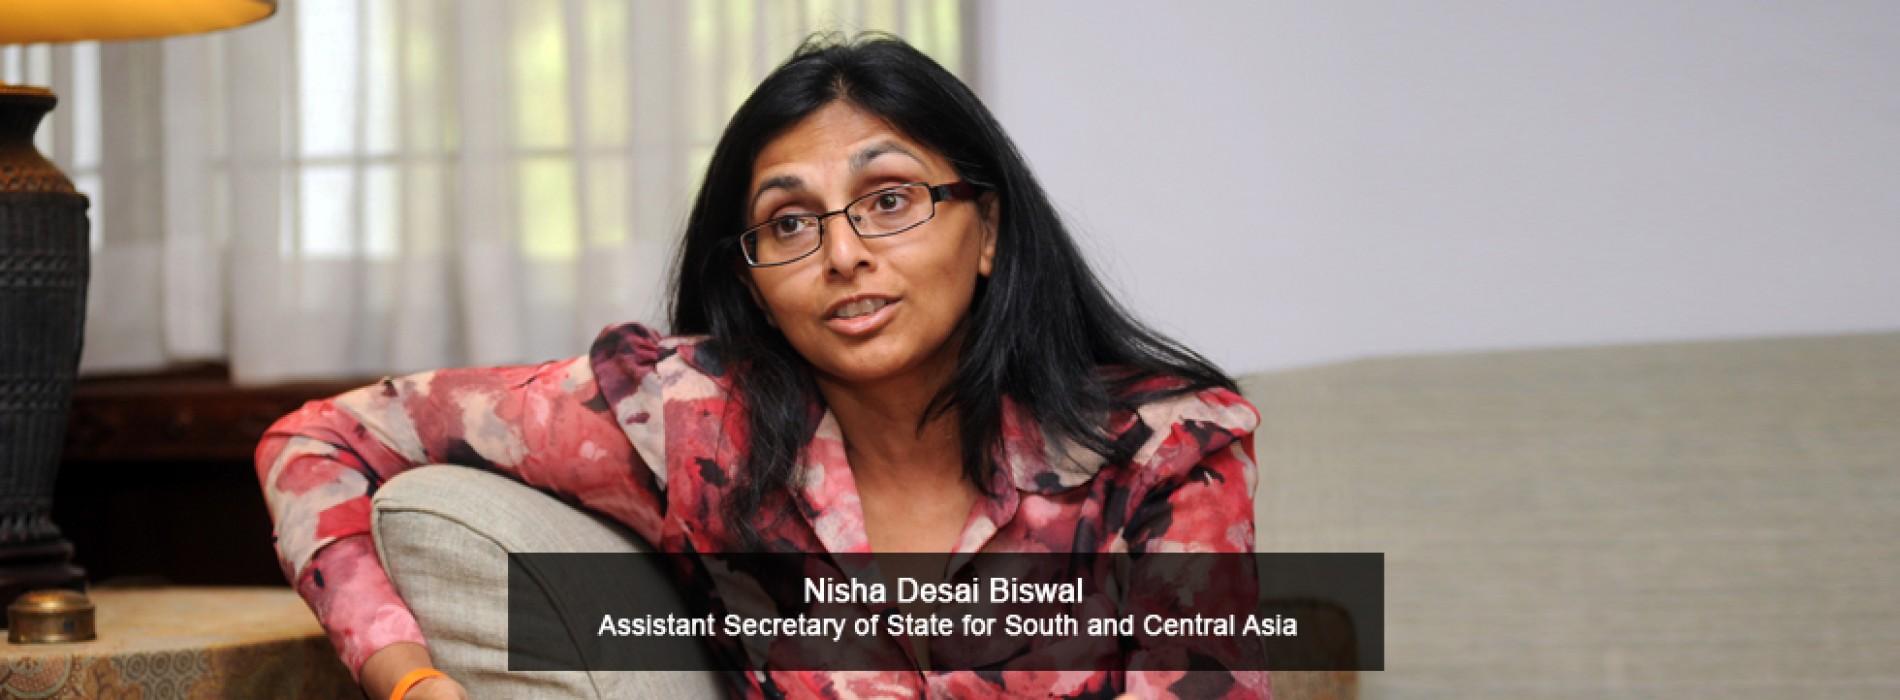 US diplomat Nisha Desai Biswal to visit India for talks